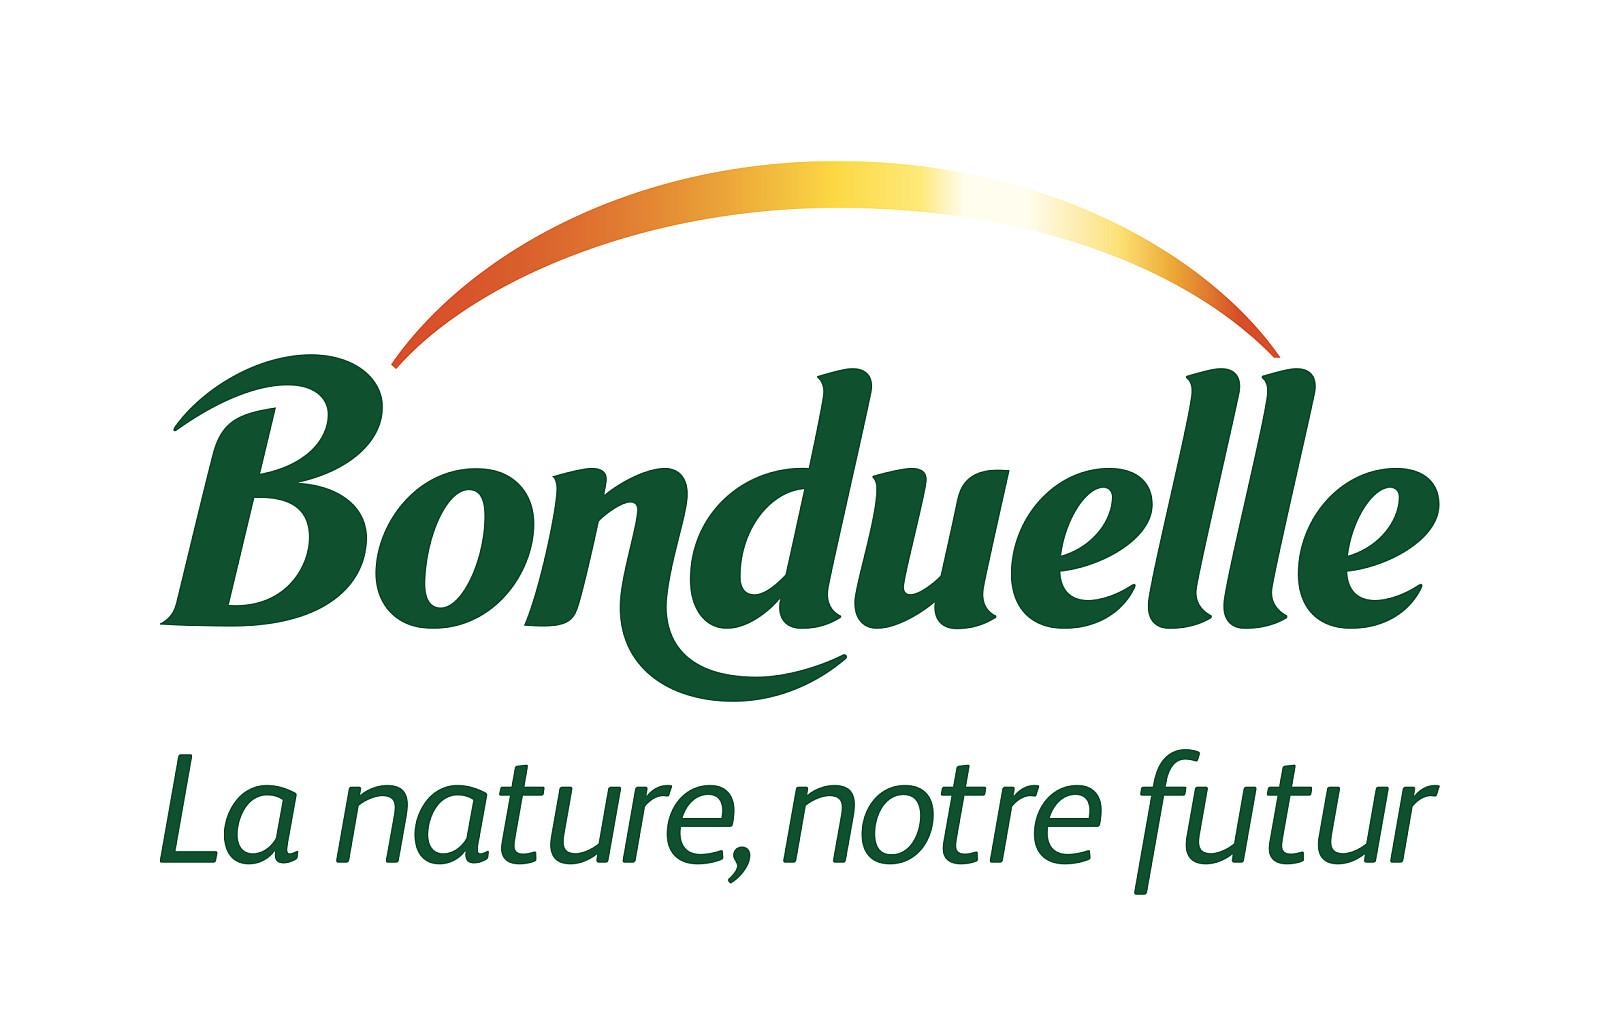 LOGO_BONDUELLE_SIGNATURE_HD.jpg [538.03 KB]